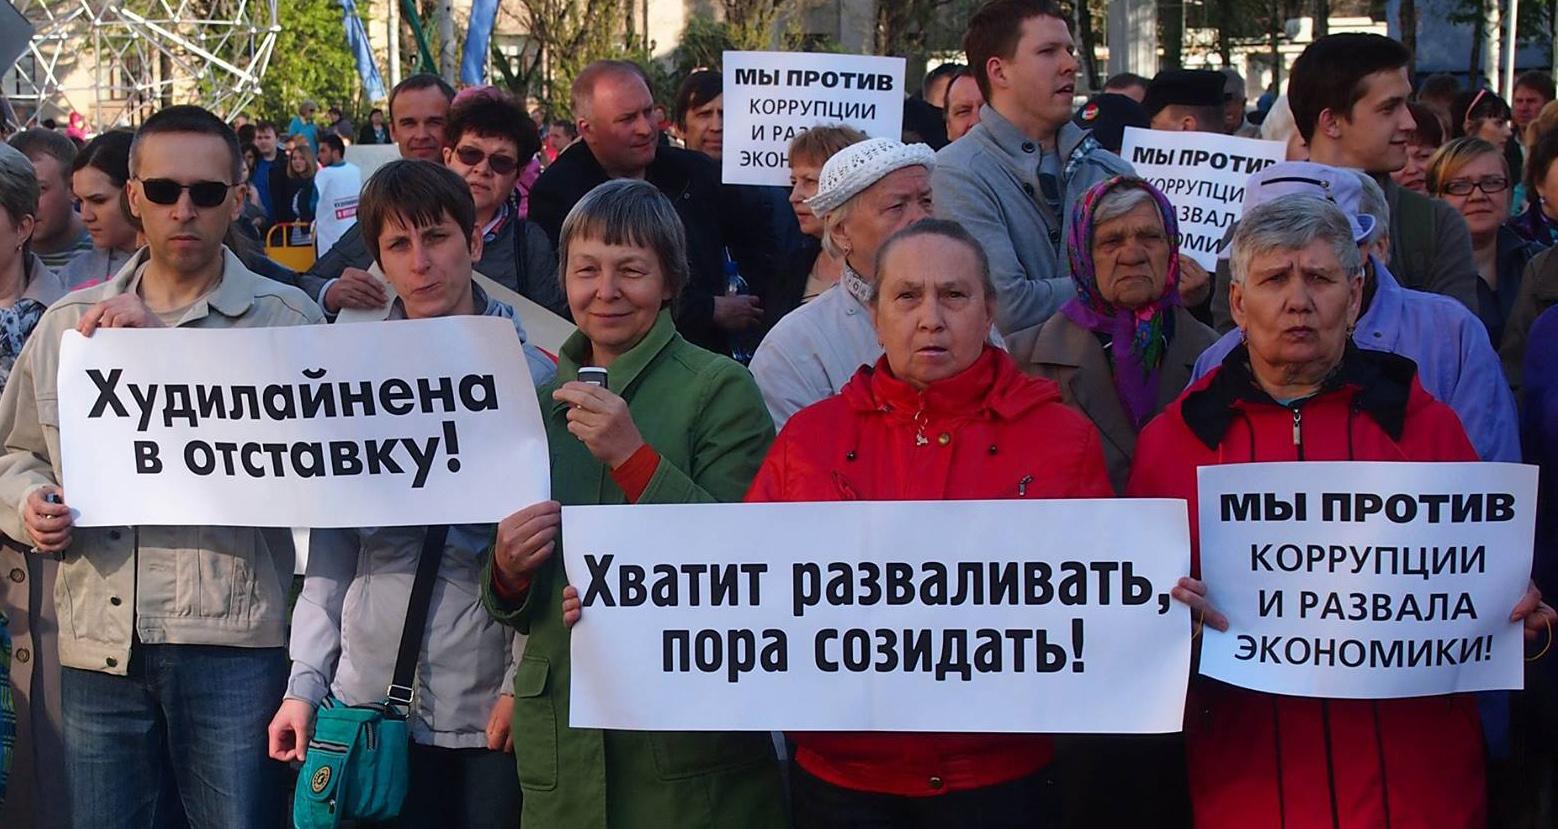 Отстранение мэра Петрозаводска от должности протесты граждан против губернатора не остановит. Фото: Валерий Поташов